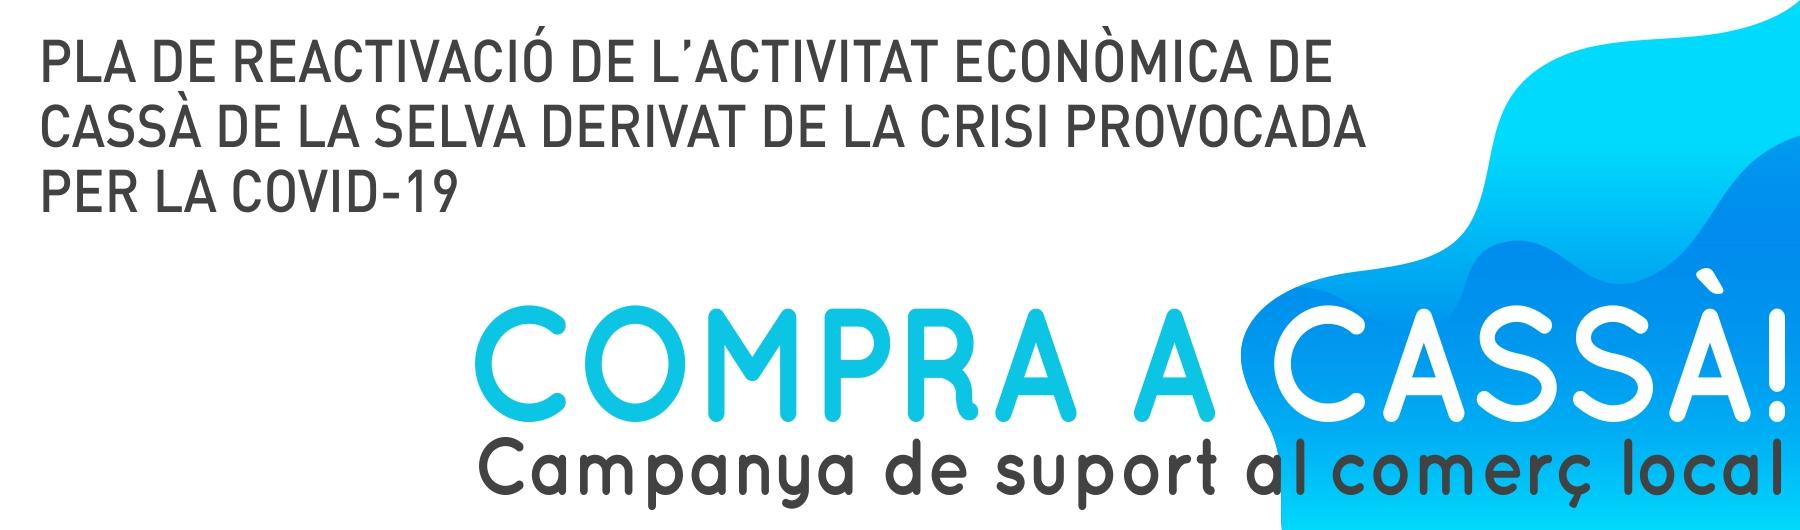 Bner_Campanya_Compra_a_Cass